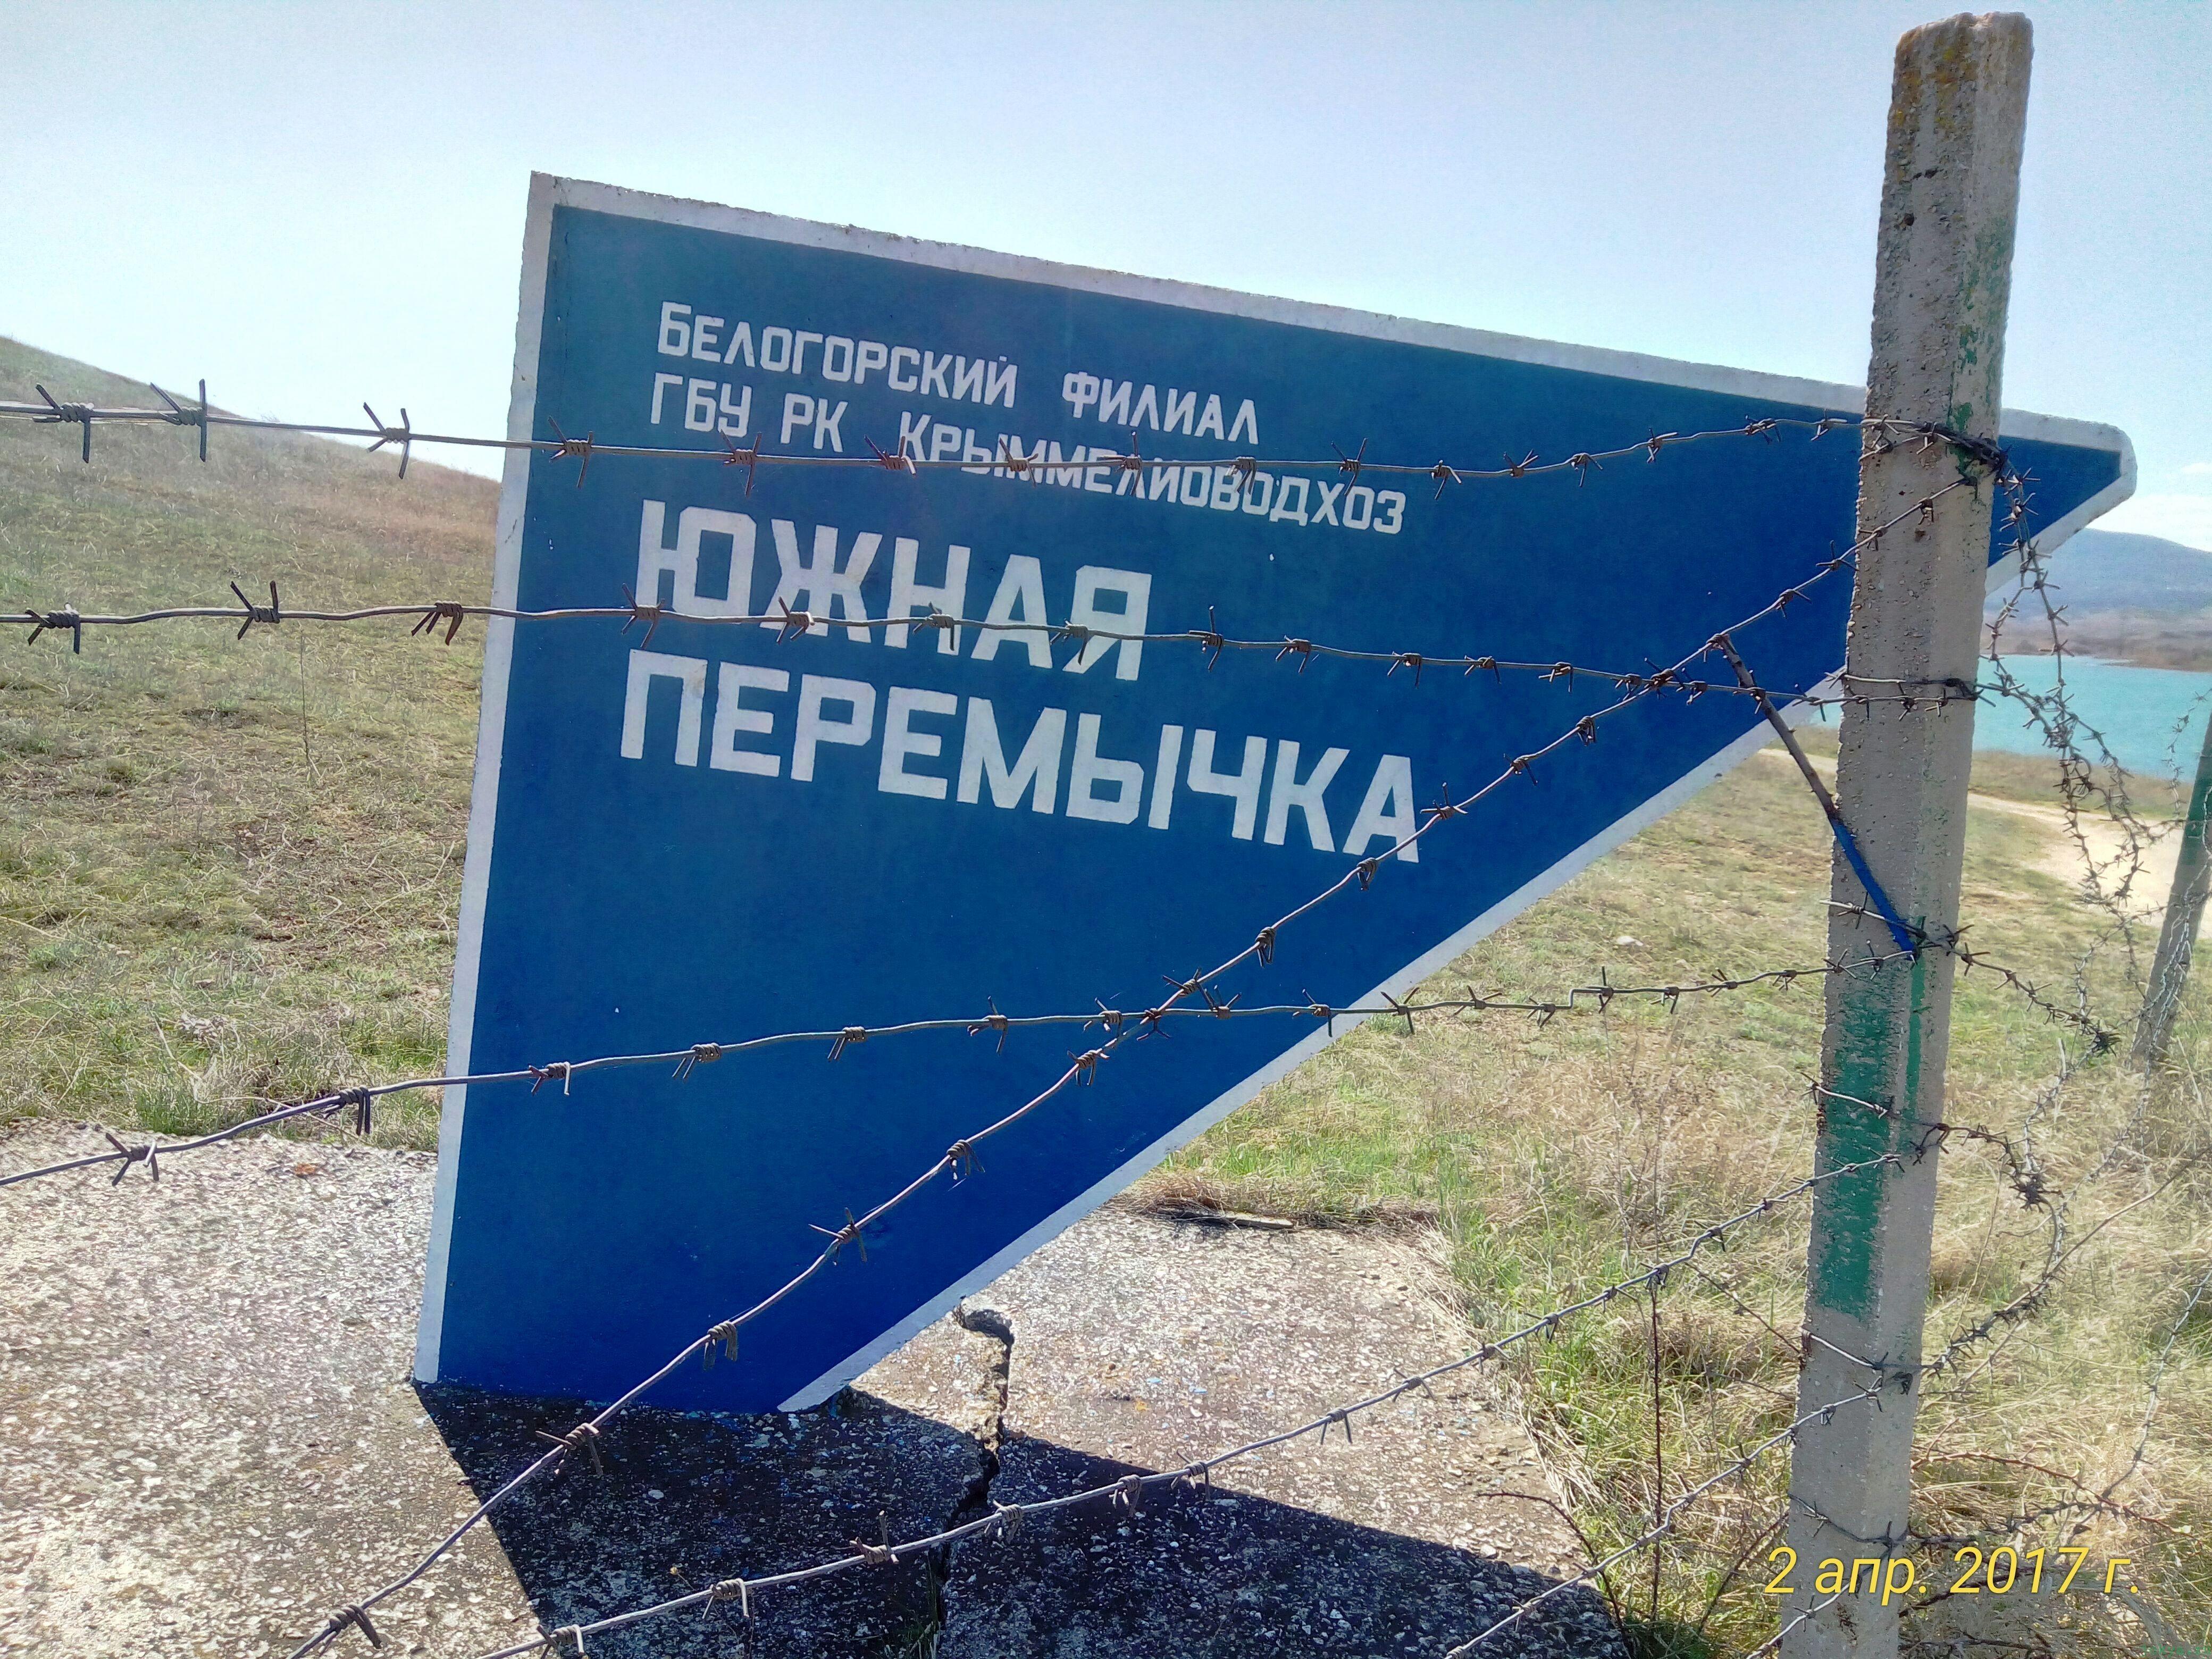 Первая часть путешествия пешком к терновой балке фото заметка о моей реальности в Крыму jokya.ru